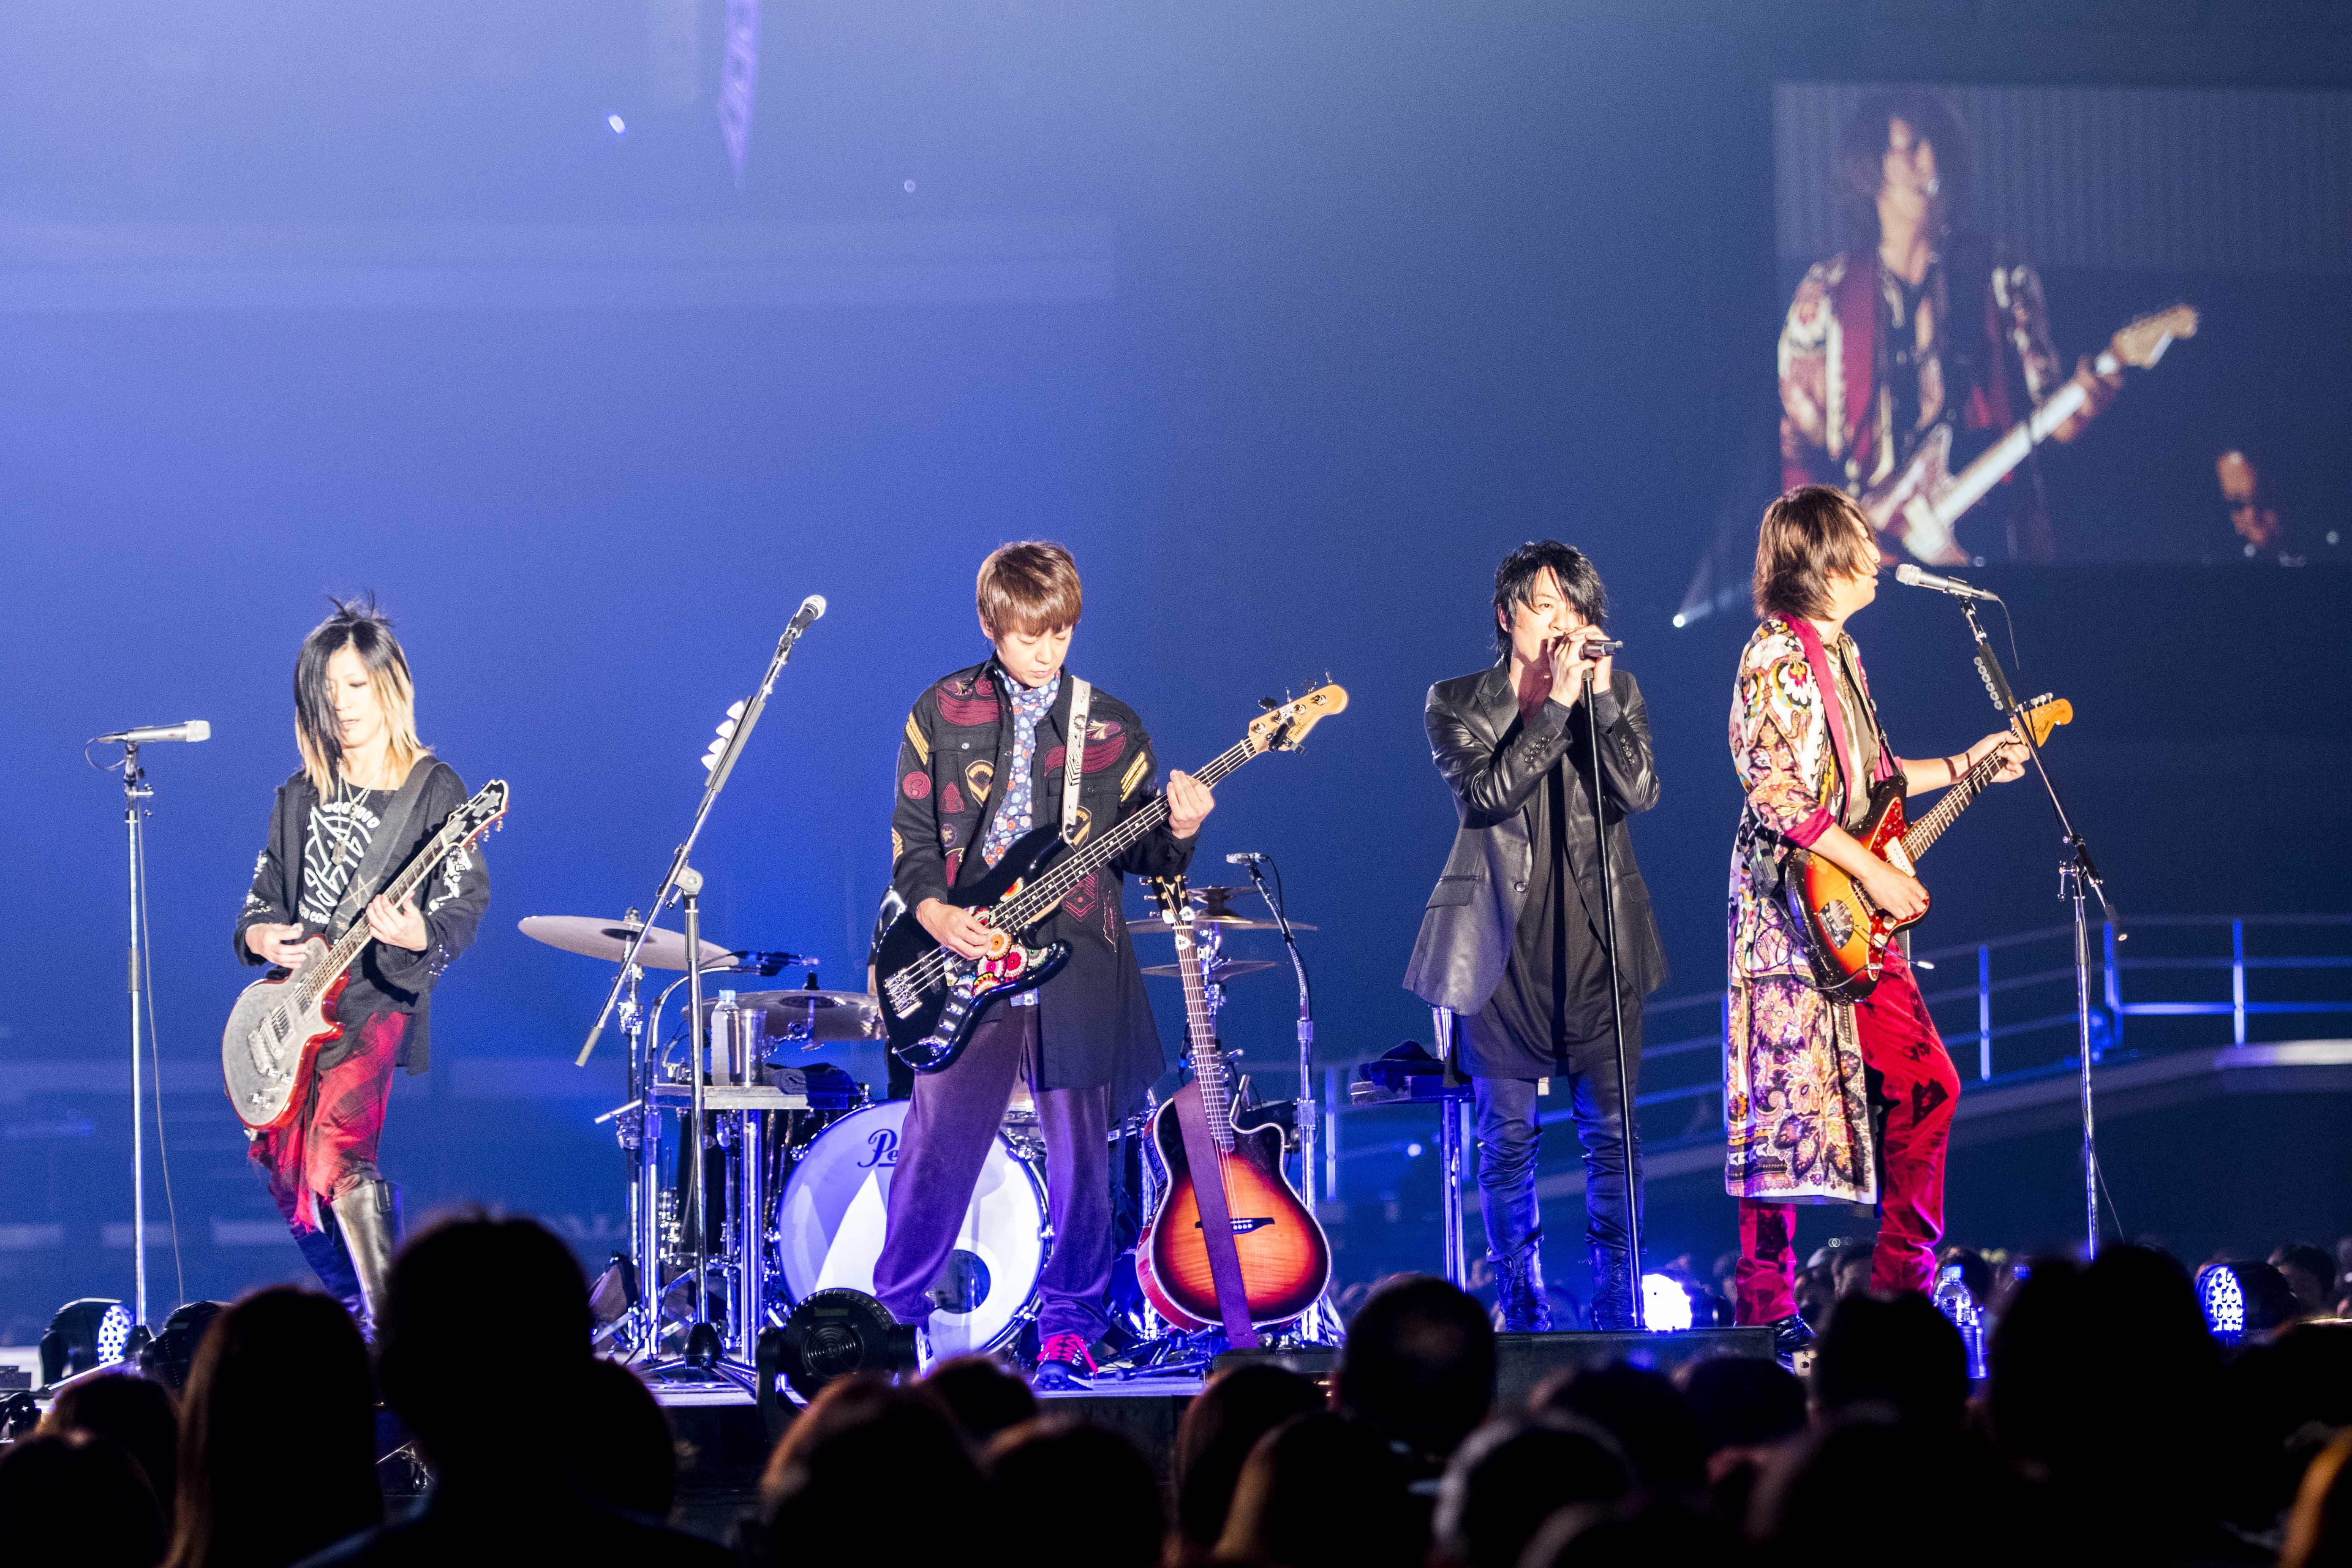 「日本搖滾天團」GLAY開唱情報解禁 SPRINGDELICS明年3月17日攻蛋